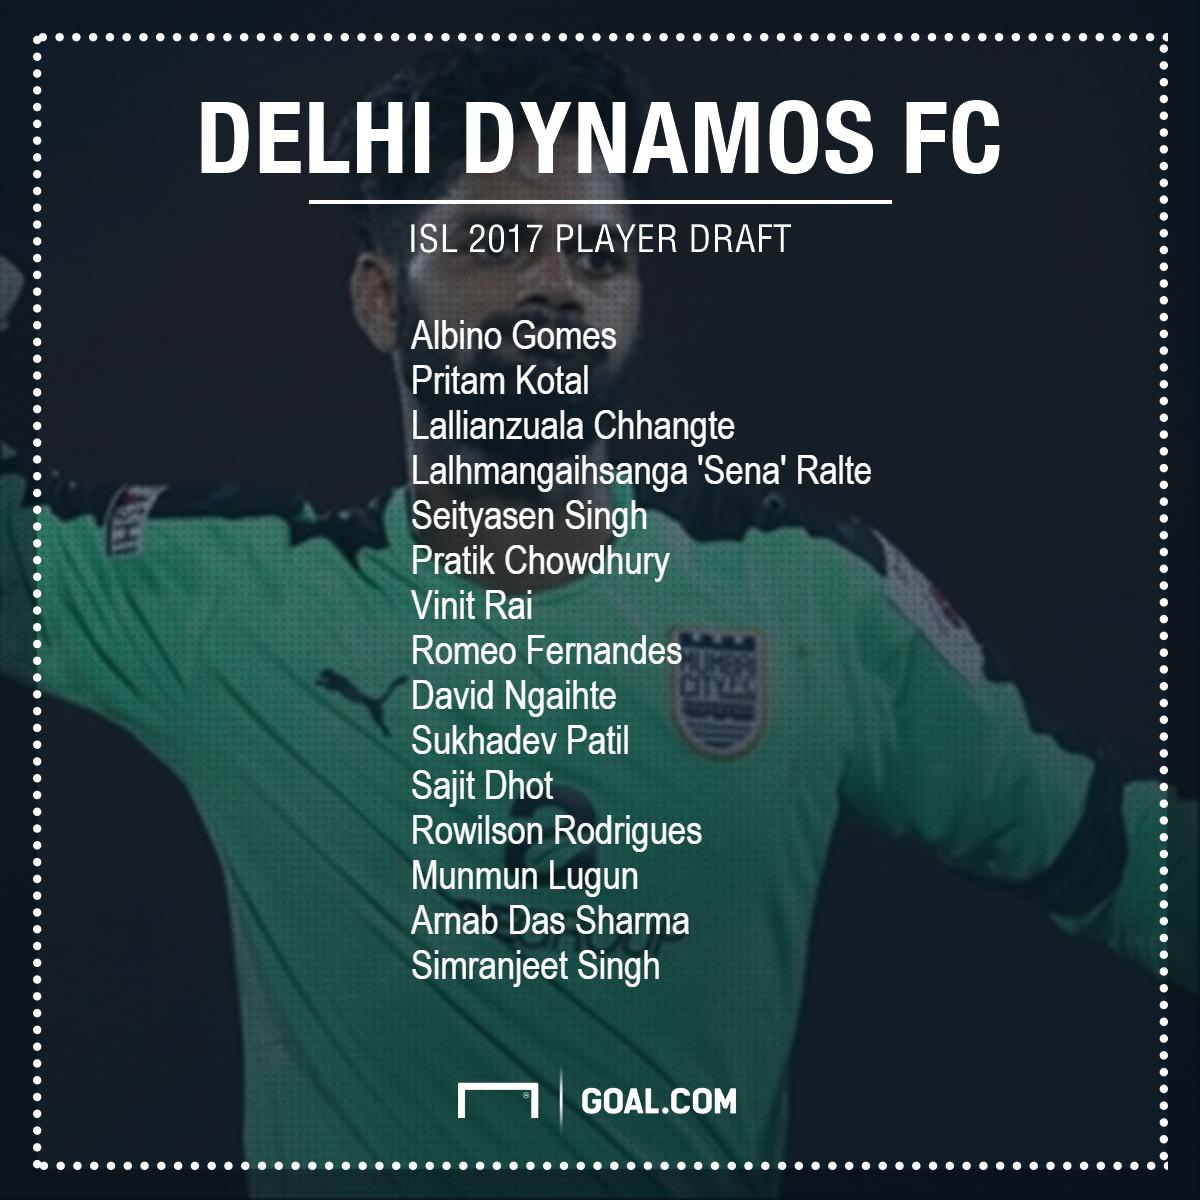 Delhi Dynamos Draft